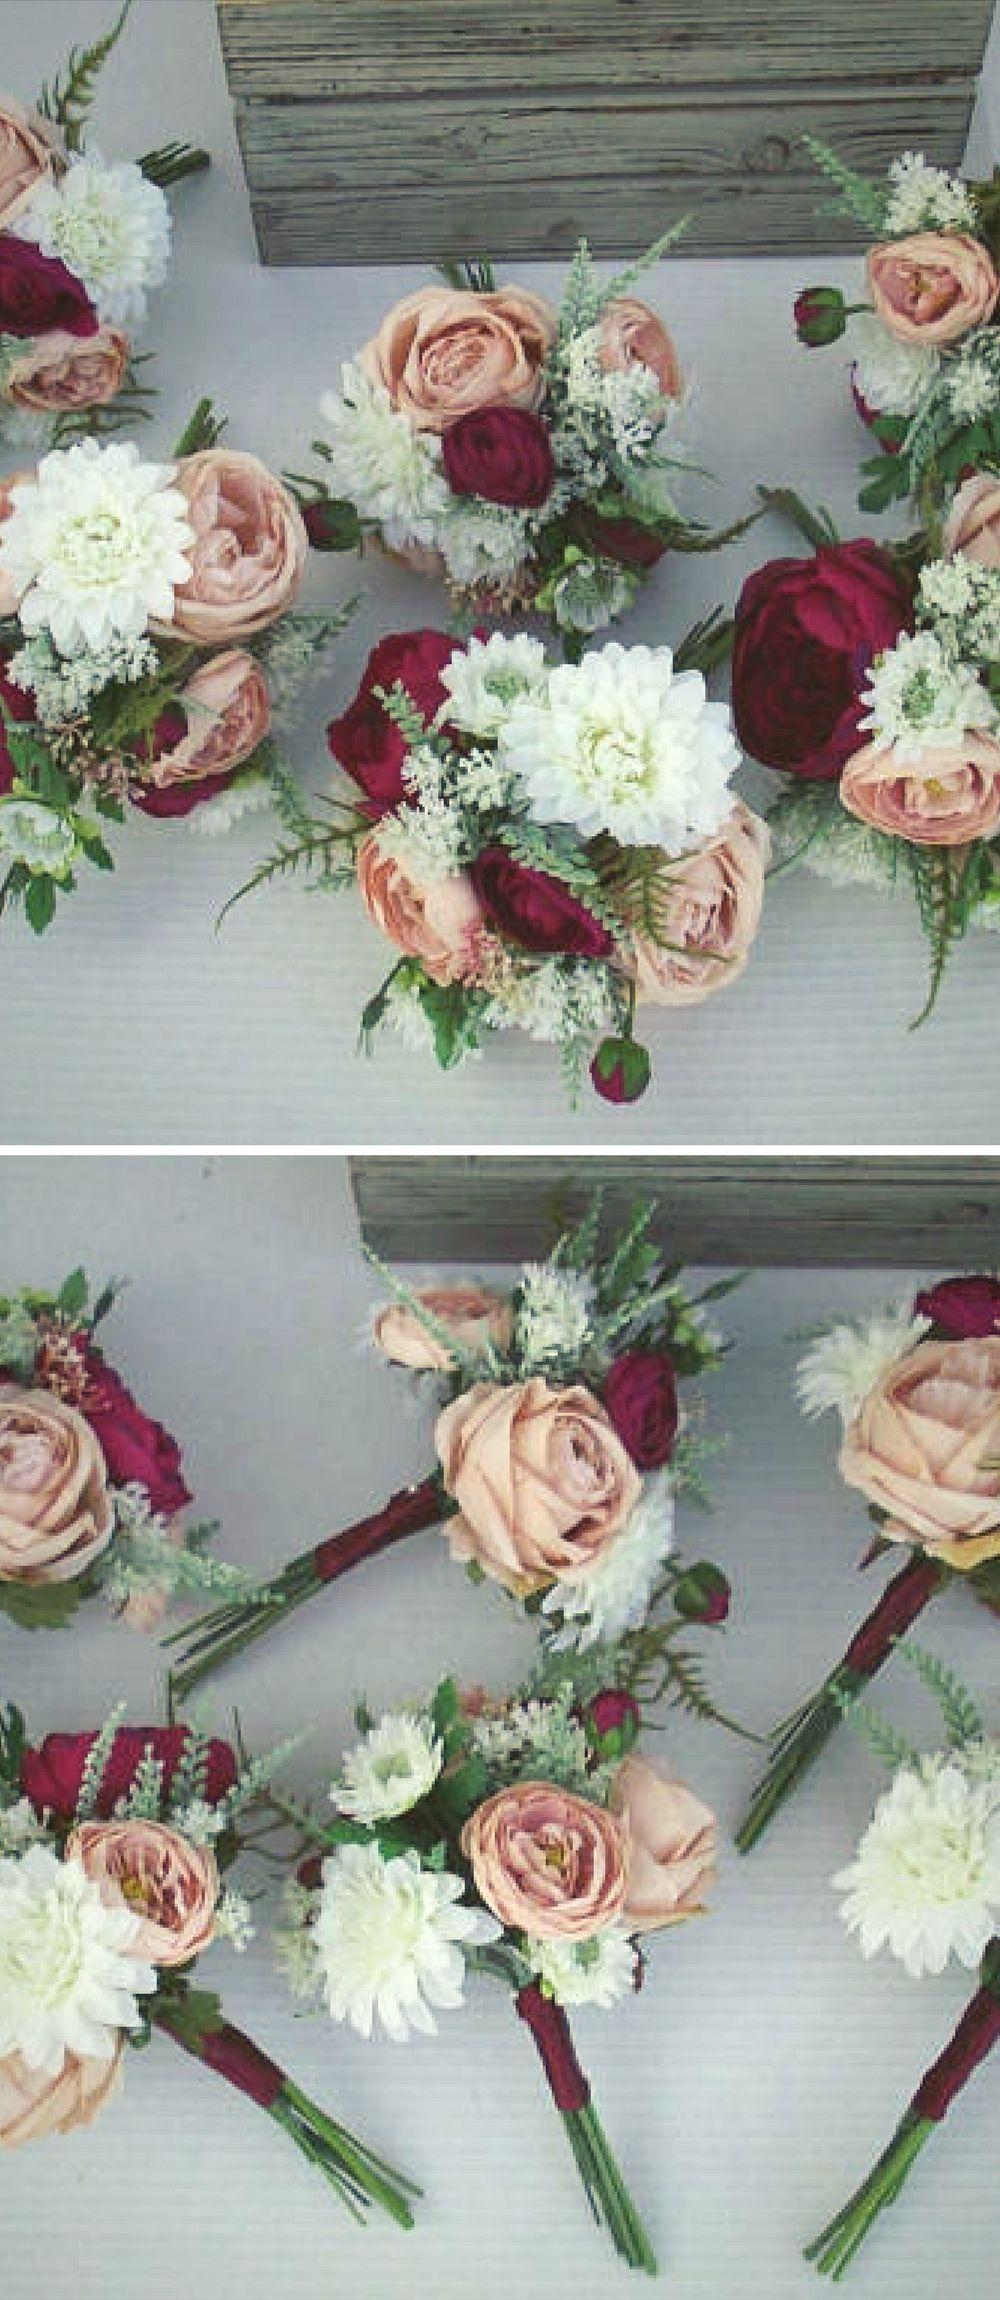 Bridesmaids bouquets wedding bouquet wedding flowers artificial bridesmaids bouquets wedding bouquet wedding flowers artificial wedding bouquet silk flower bouquet izmirmasajfo